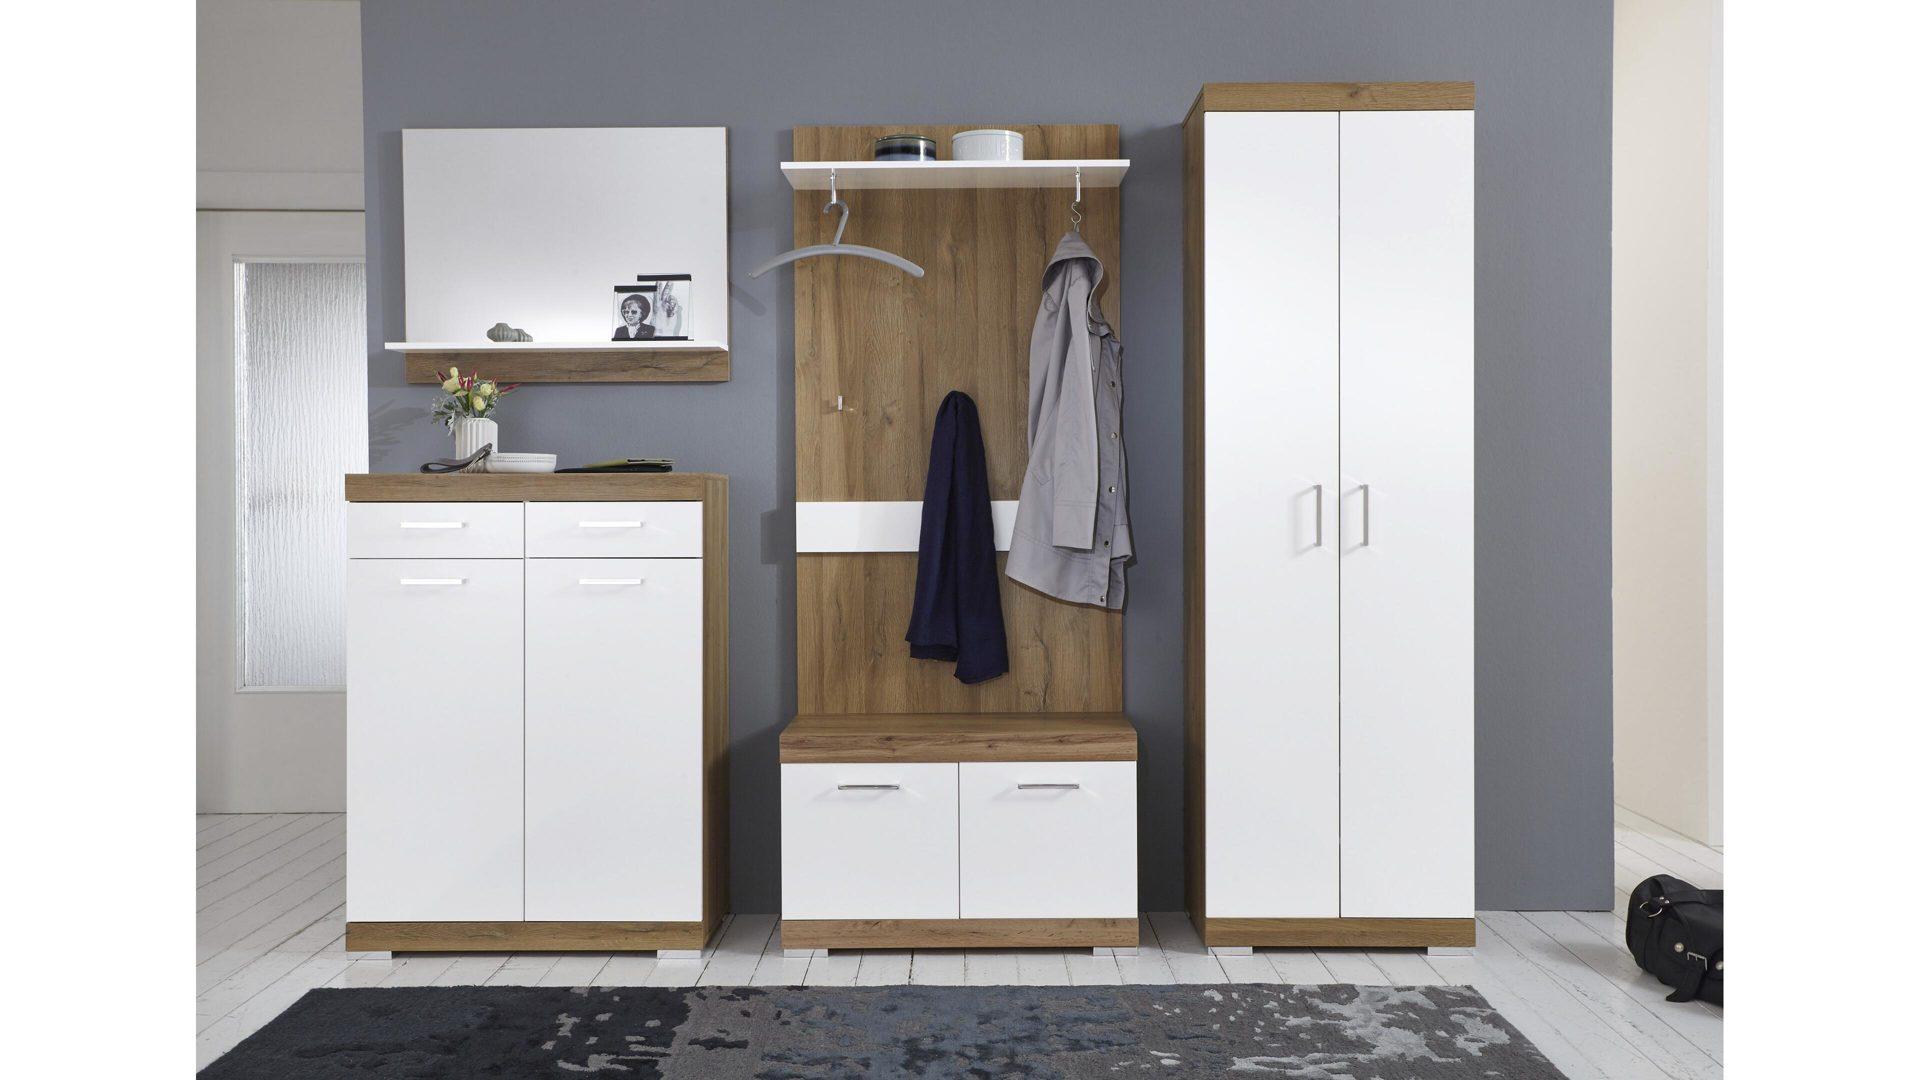 Wandgarderobe Holz Weiß.Kombikommode Alteichefarbene Weiße Kunststoffoberflächen Zwei Türen Zwei Schubladen